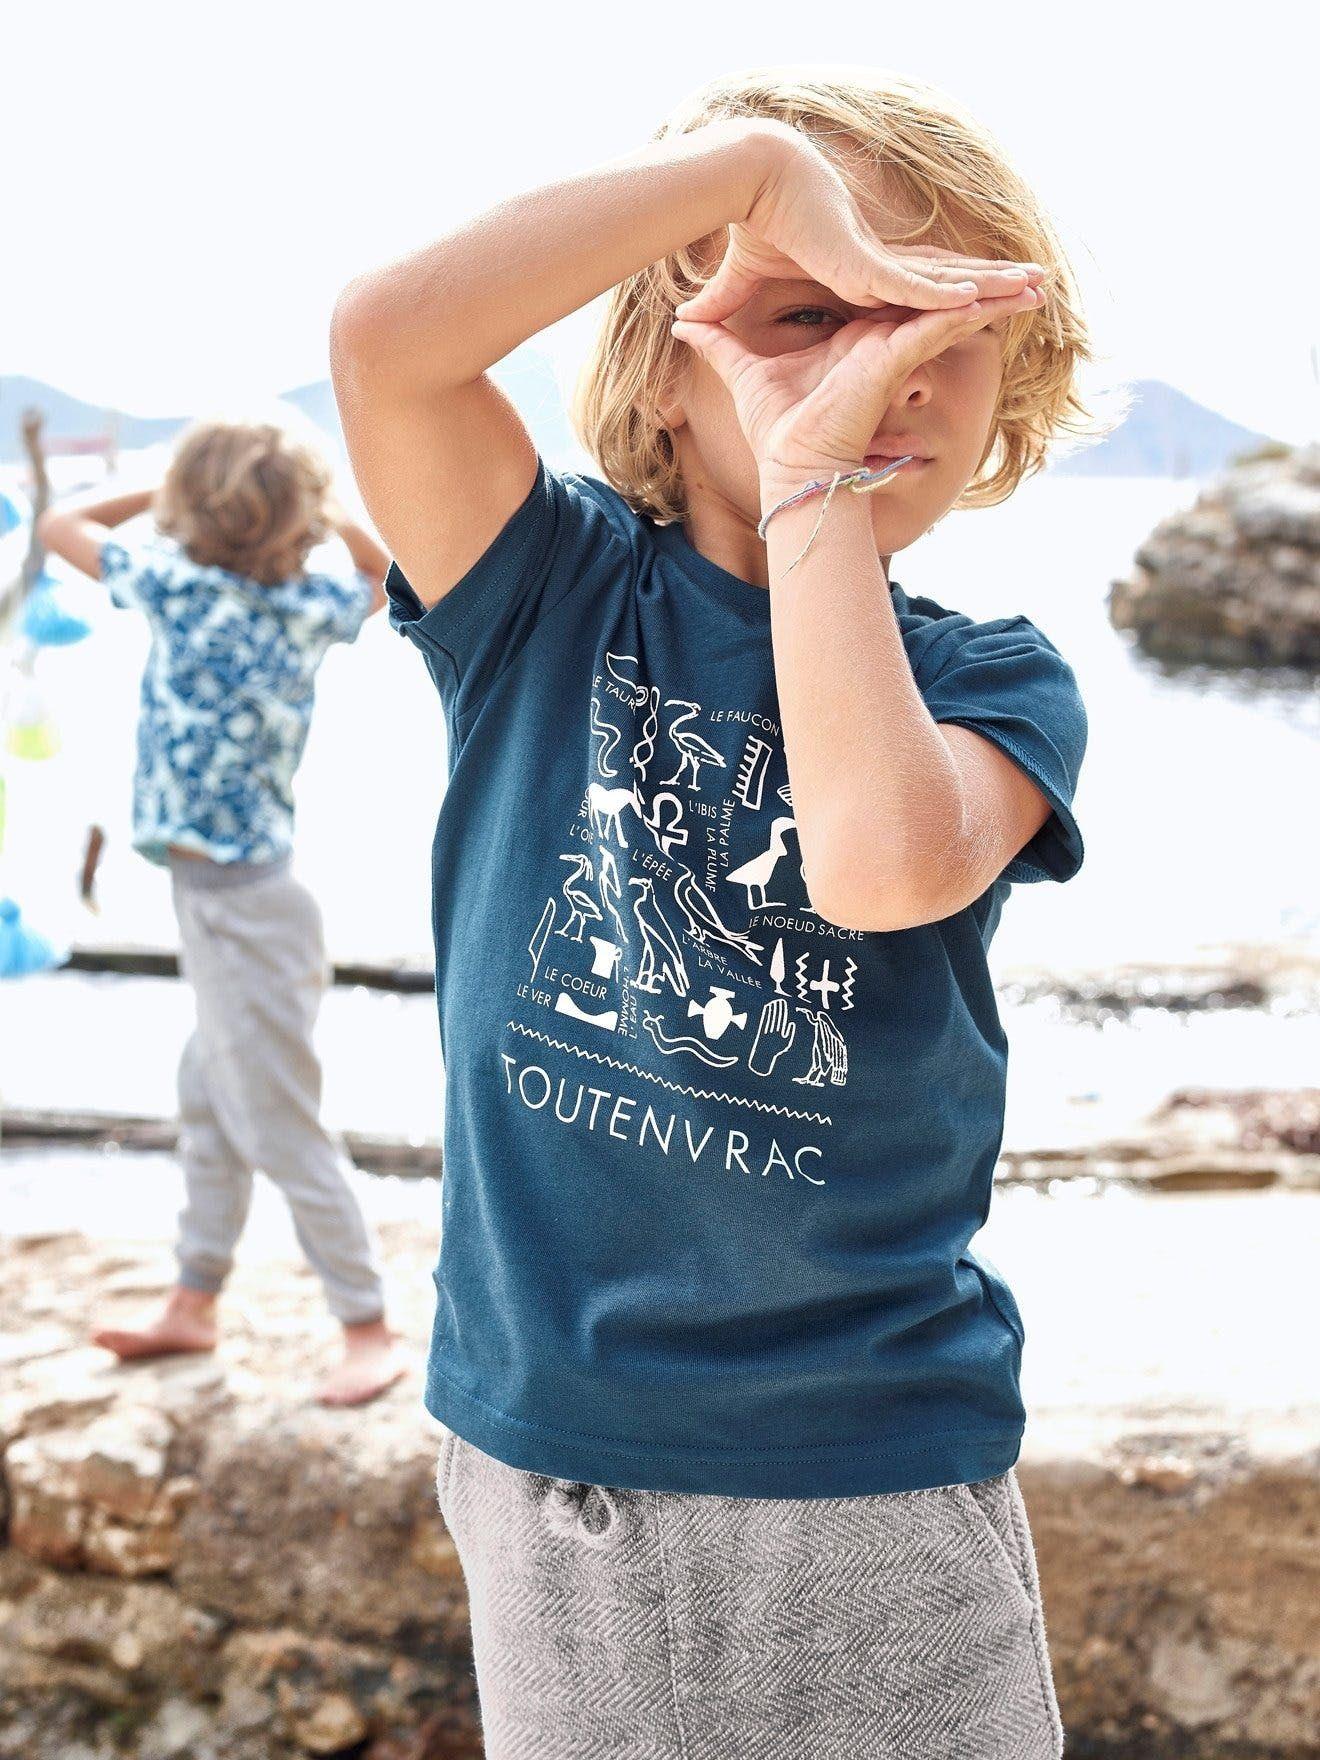 12 Preschool Activities to Keep Little Hands Busy ...